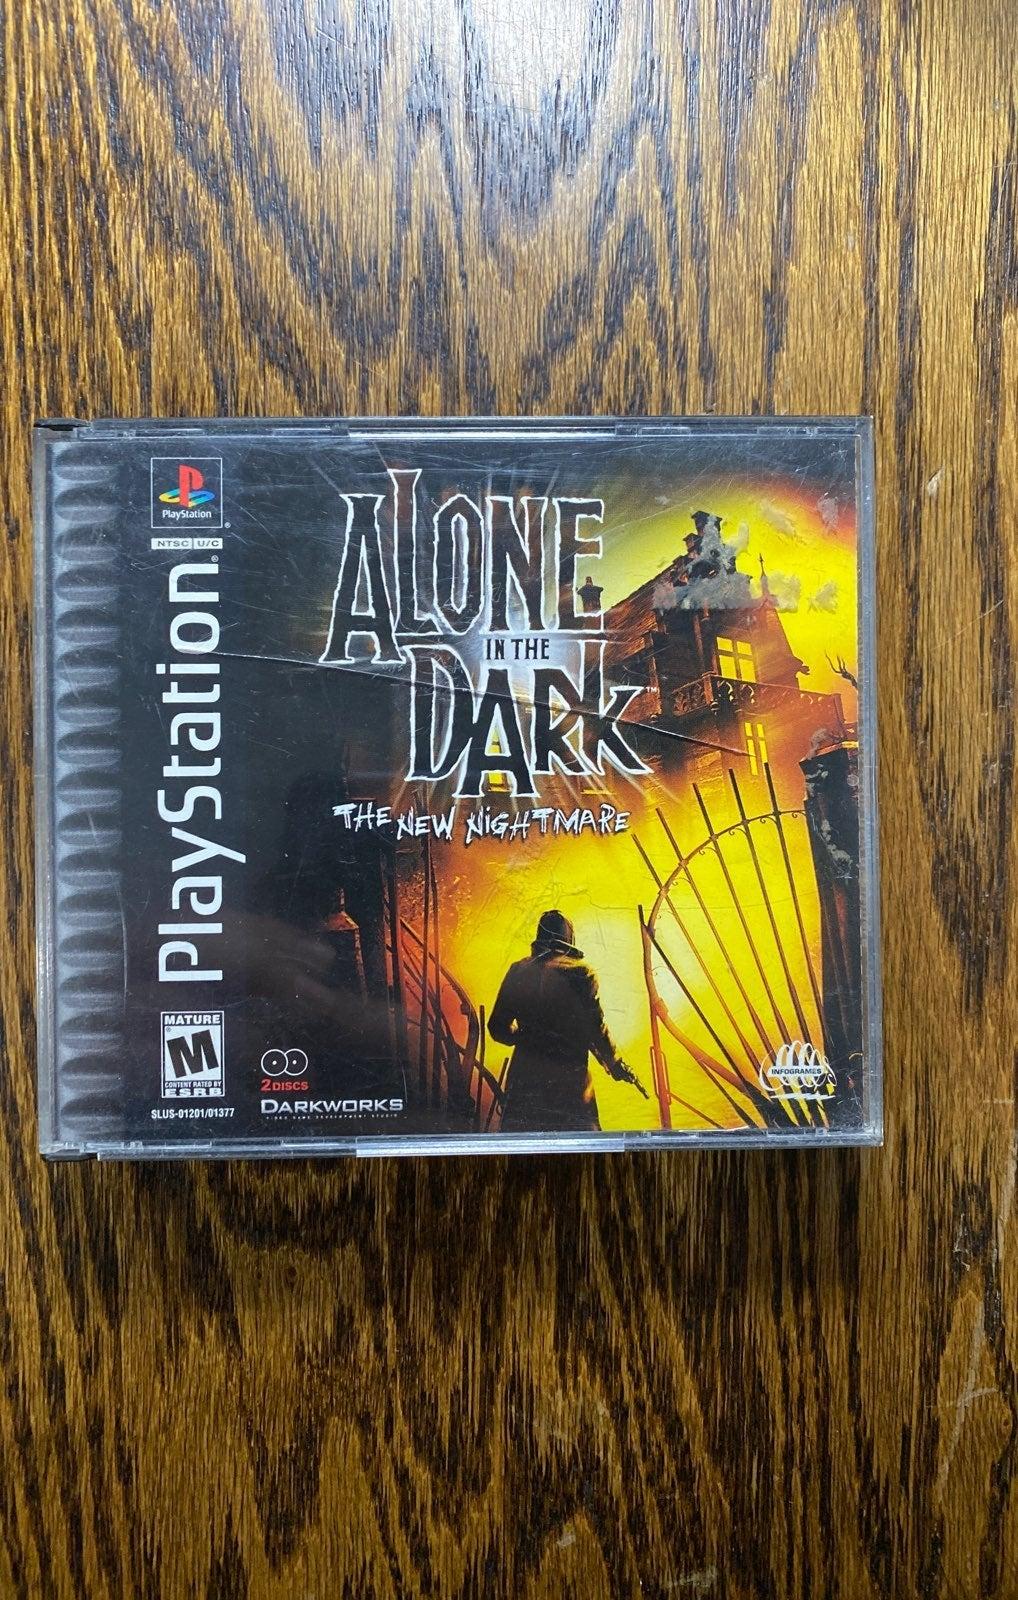 PS1 alone in the dark